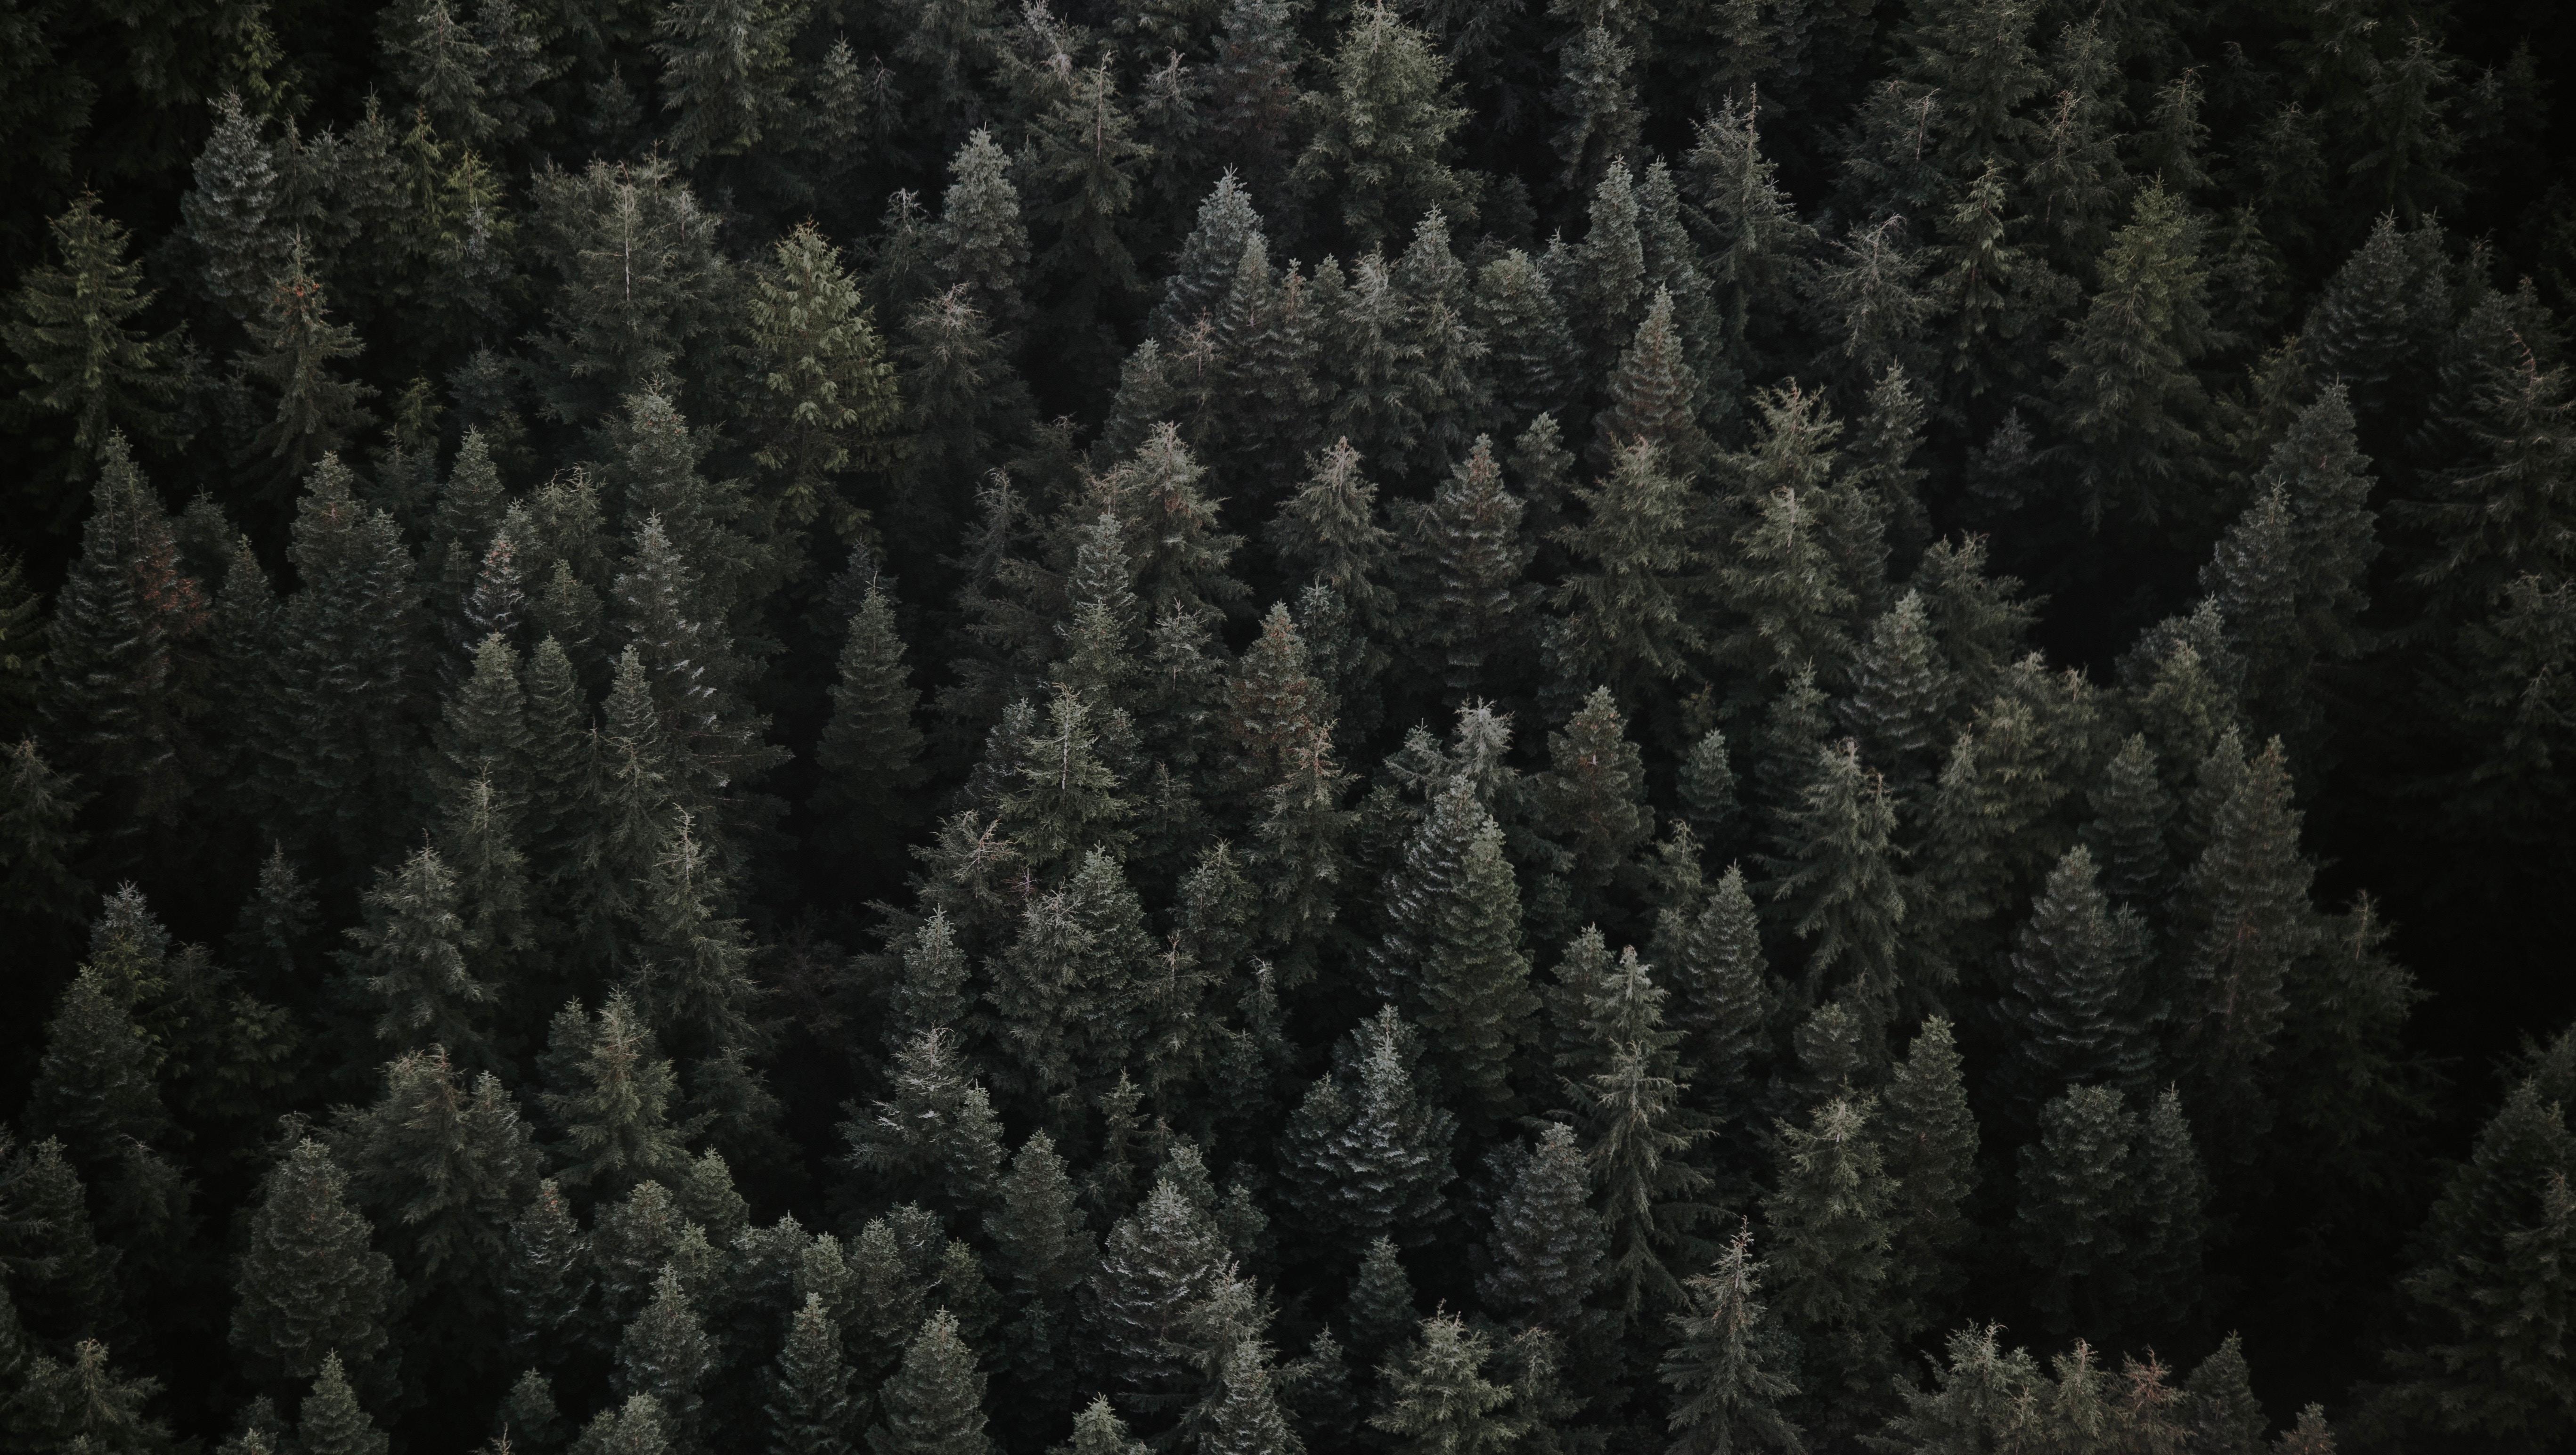 91685 papel de parede 1080x2400 em seu telefone gratuitamente, baixe imagens Natureza, Árvores, Vista De Cima, Ver De Cima, Floresta 1080x2400 em seu celular